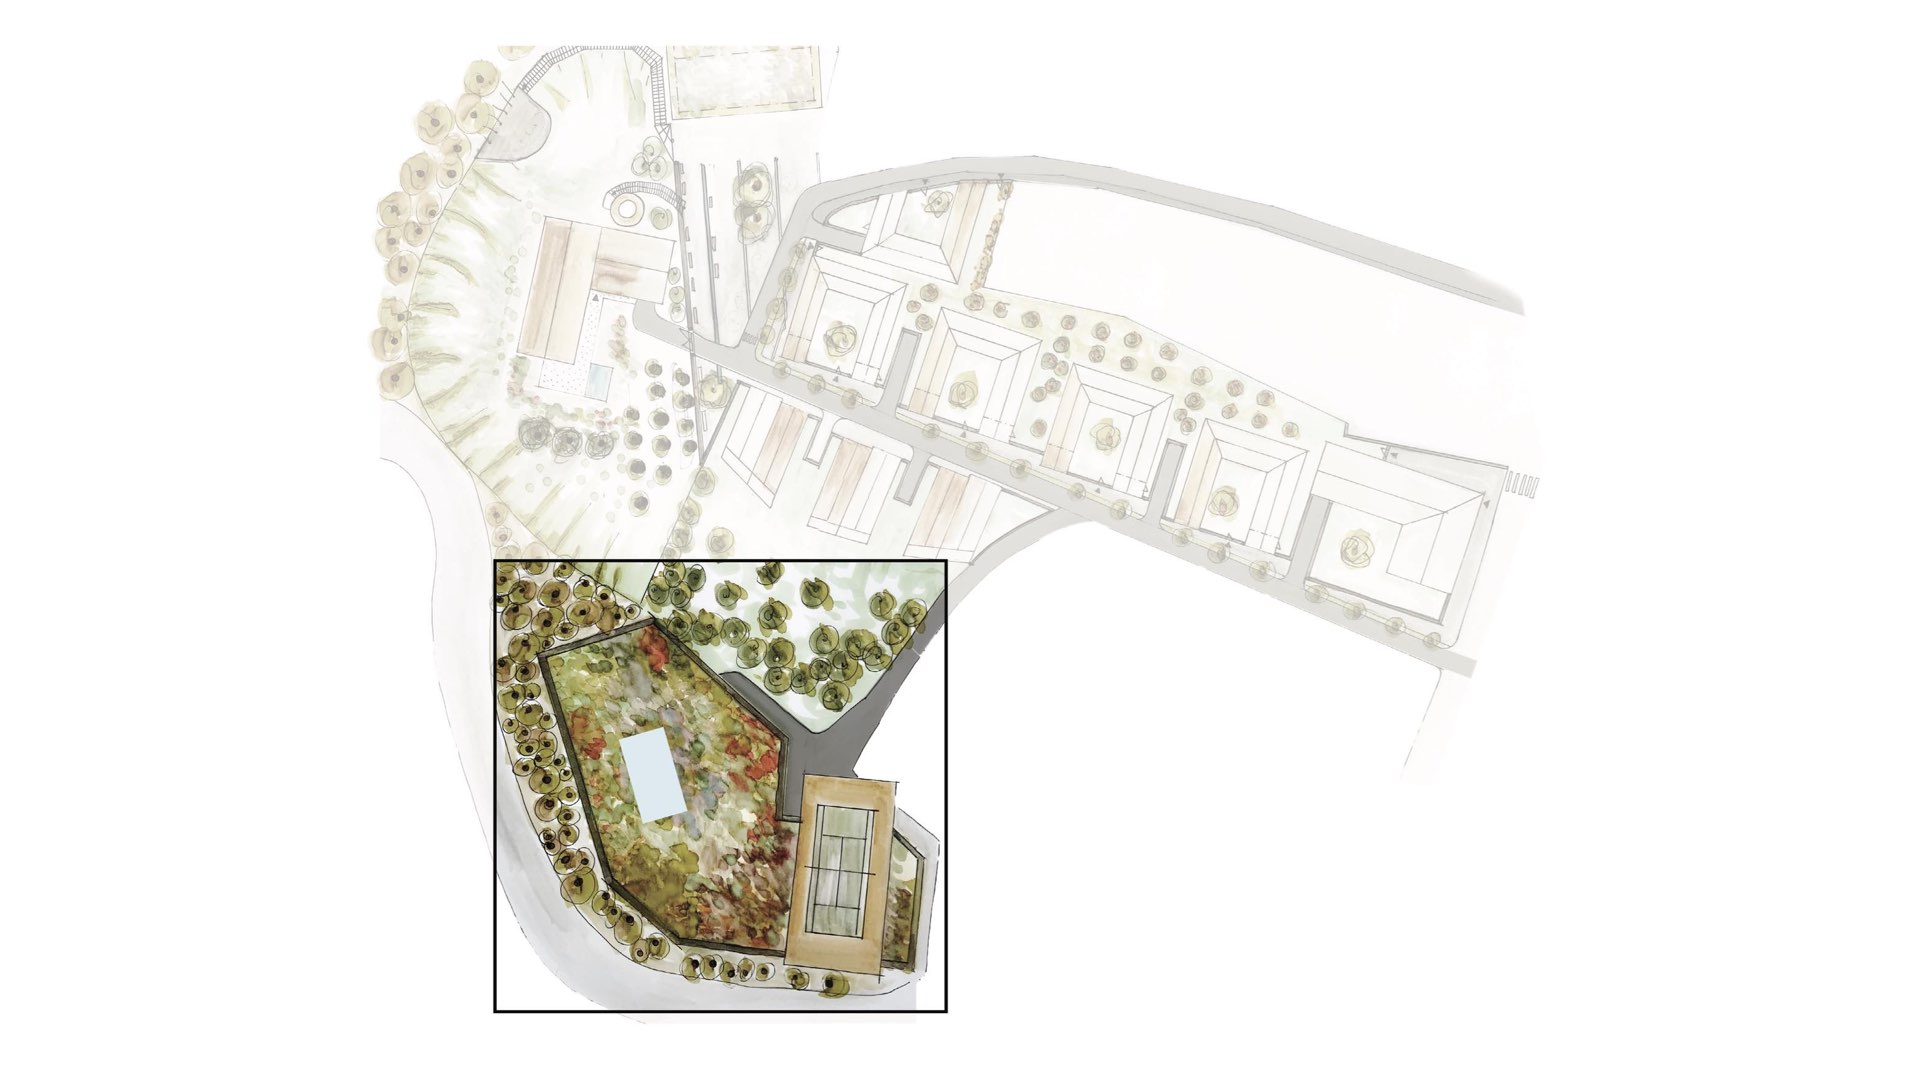 Rezidence Jeneralka KKCG - situace návrhu - sportovní komplex (tenisové kurty). Autor: Kurz architekti